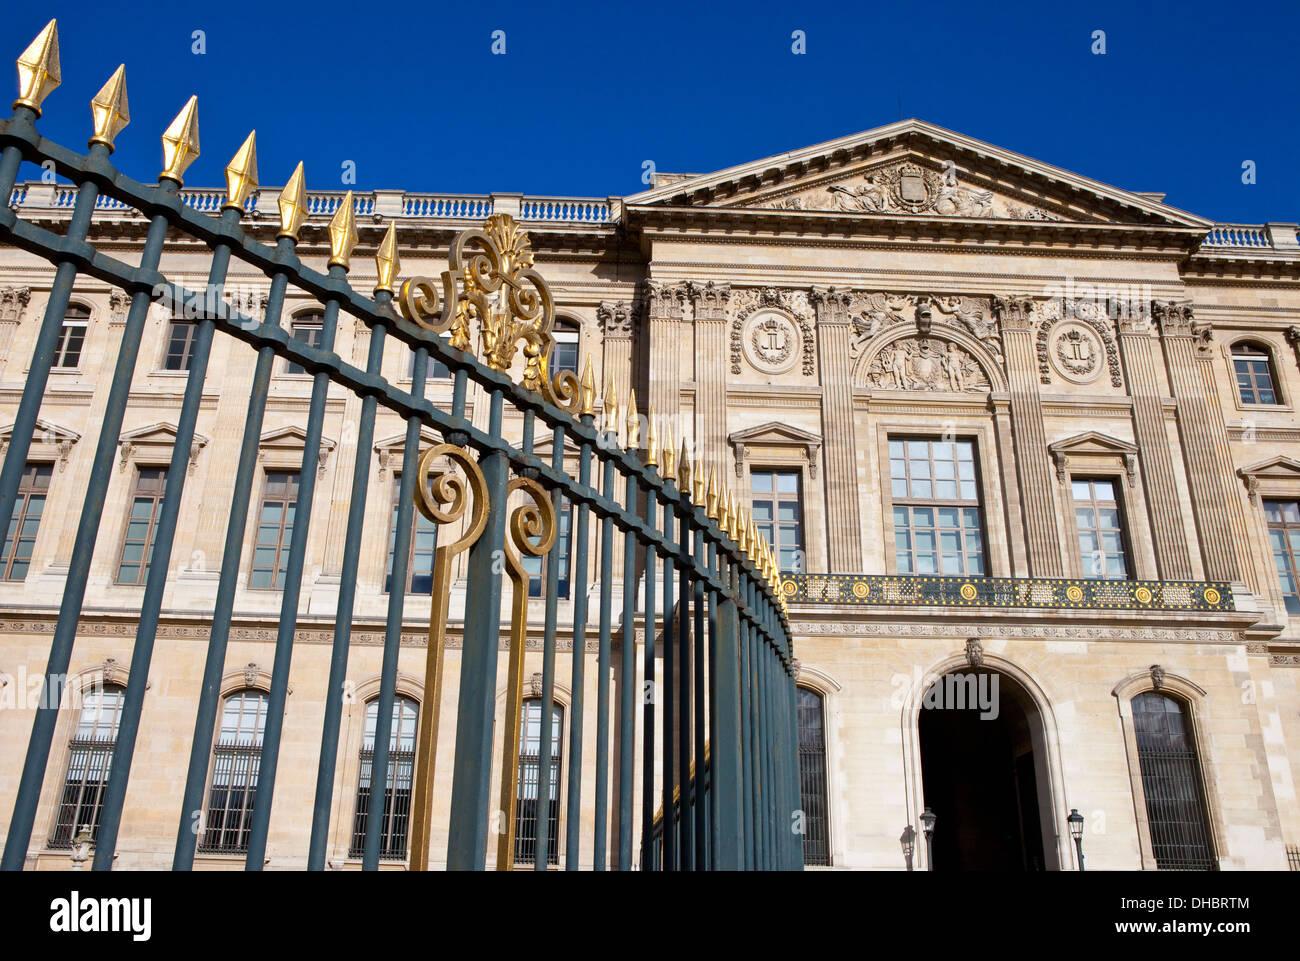 The Galerie d'Apollon in Paris. - Stock Image